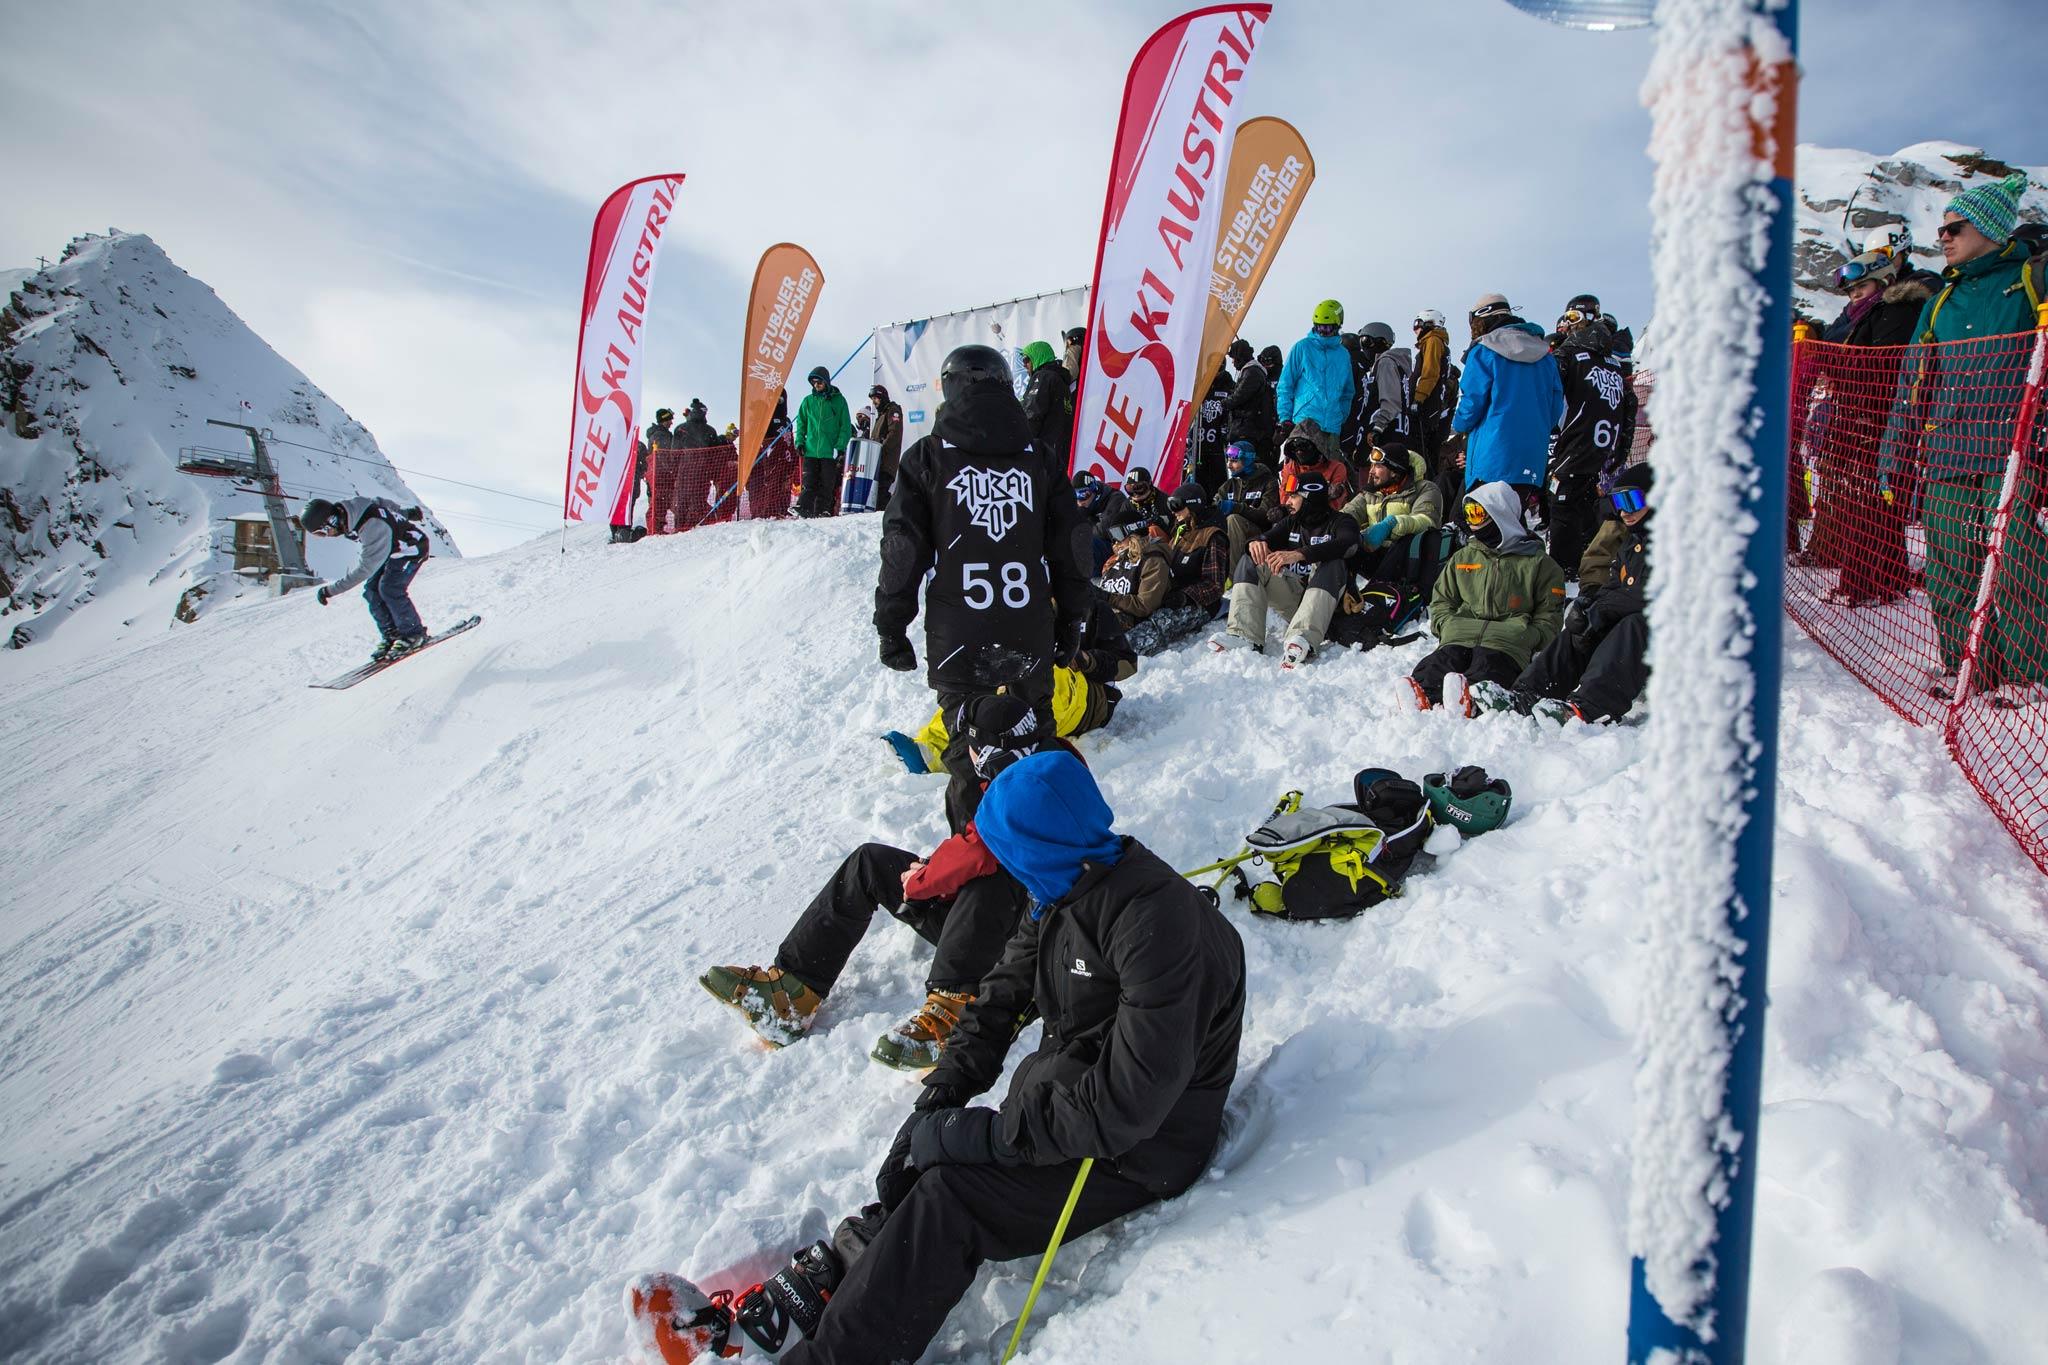 Immer mehr Rider finden aufgrund des exzellenten Setups sowie den internationalen Events ihren Weg auf den Stubaier Gletscher - Foto: Flo Breitenberger